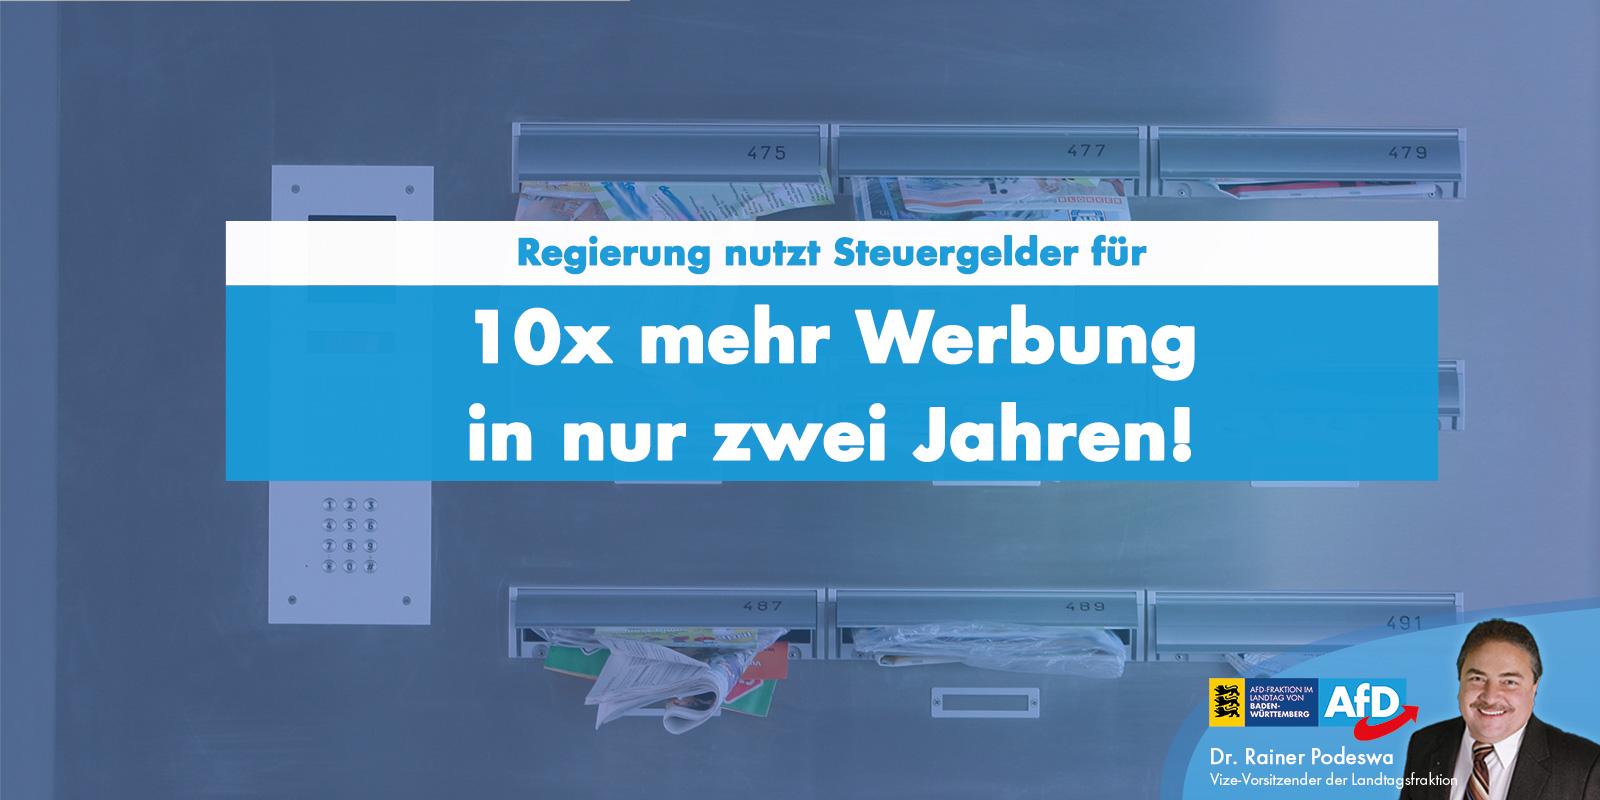 Dr. Rainer Podeswa: Landesregierung verzehnfacht Print-Werbeausgaben in zwei Jahren